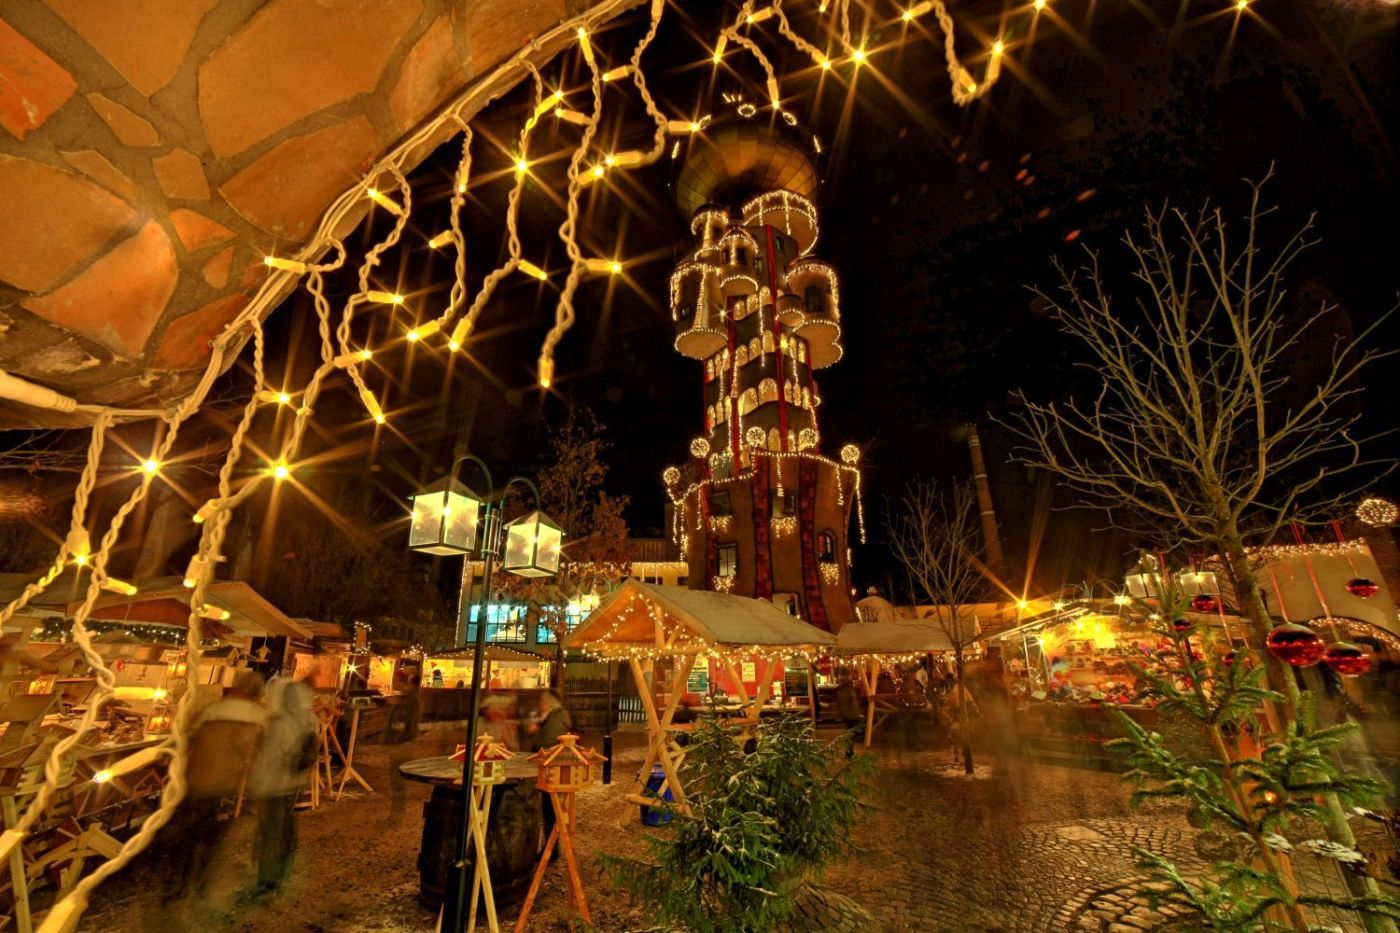 Kuchlbauers Turmweihnacht in Abensberg